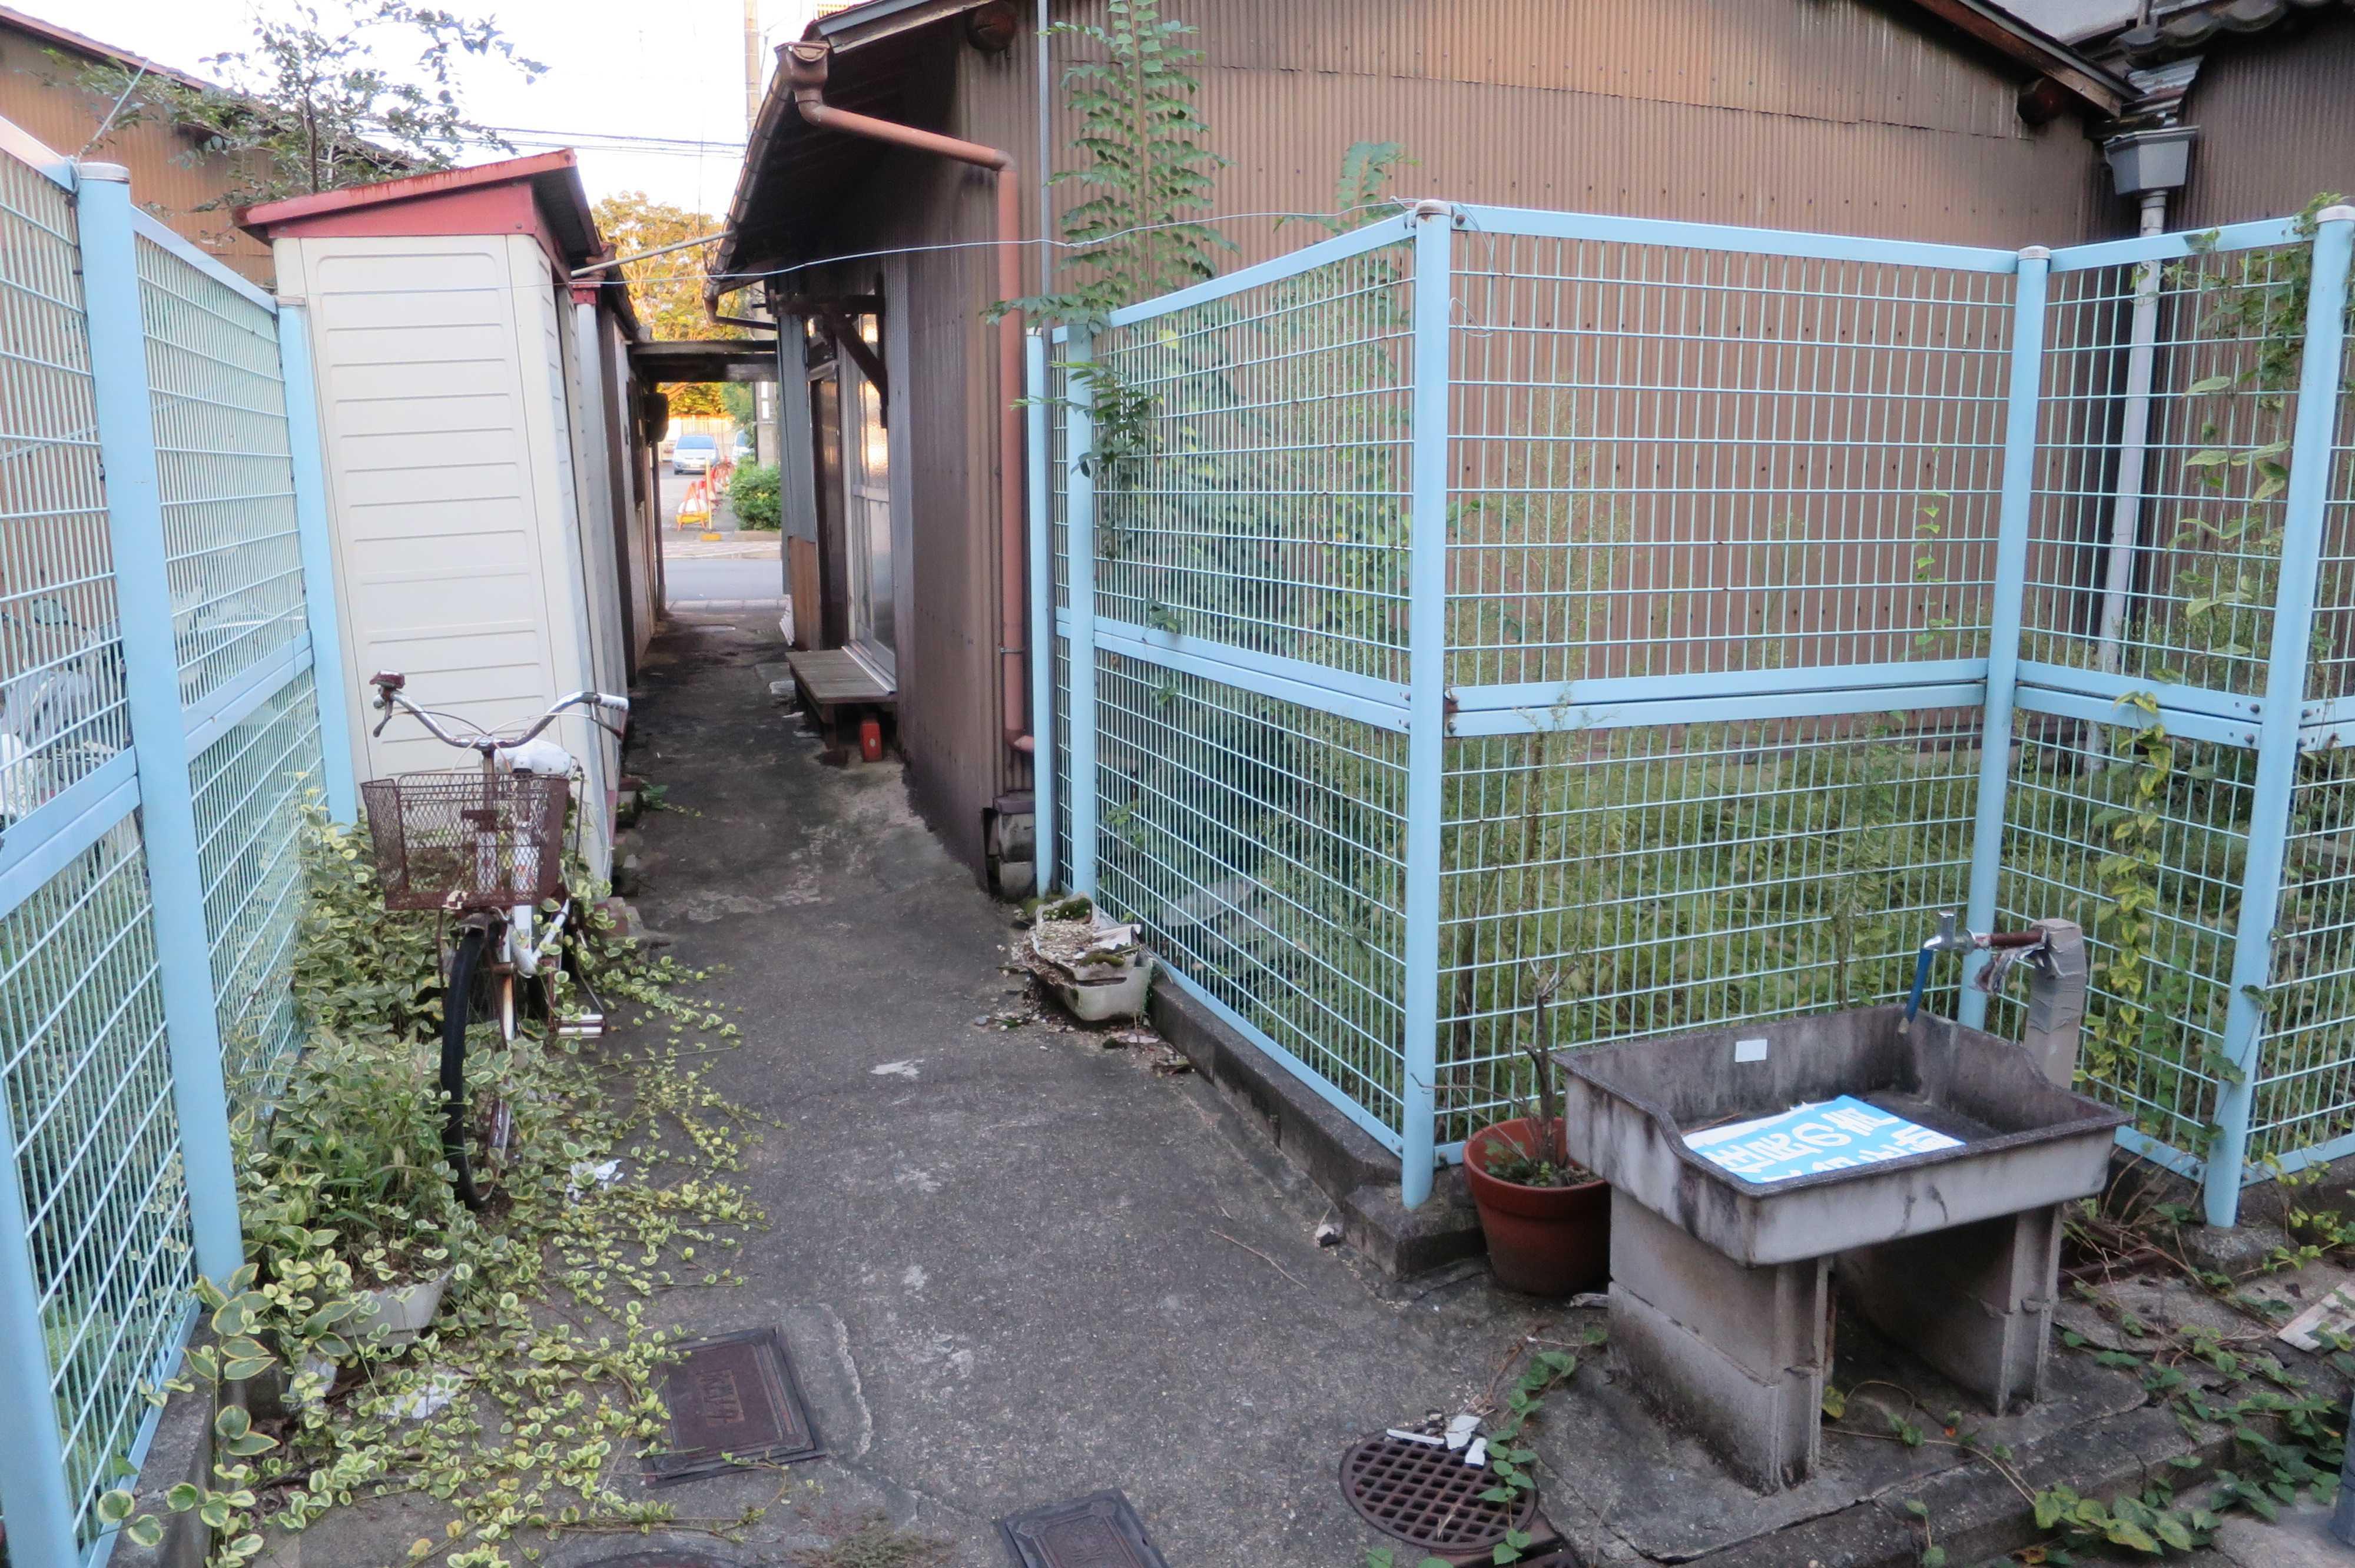 京都・崇仁地区 - 周囲を金網フェンスで囲まれた敷地